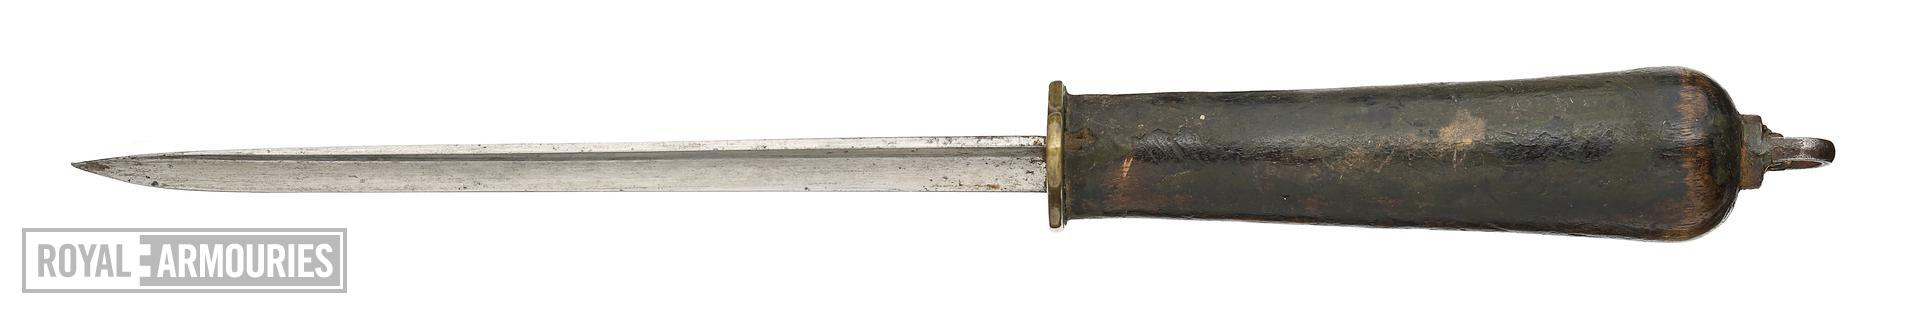 Modèle 1833 Naval Boarding Knife